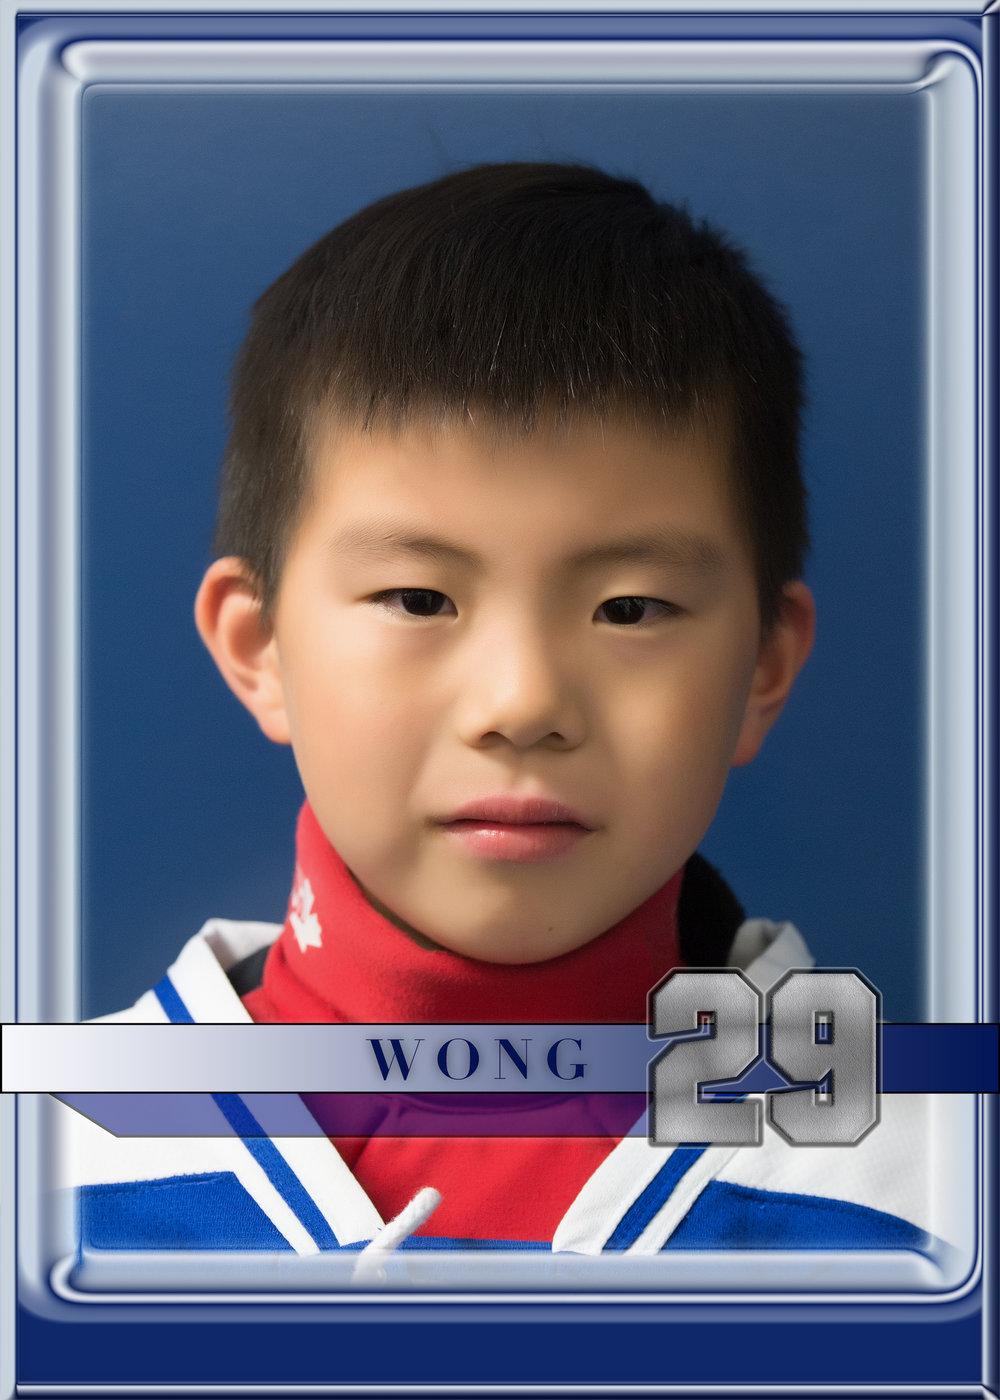 #29 - Wong-2 r.jpg